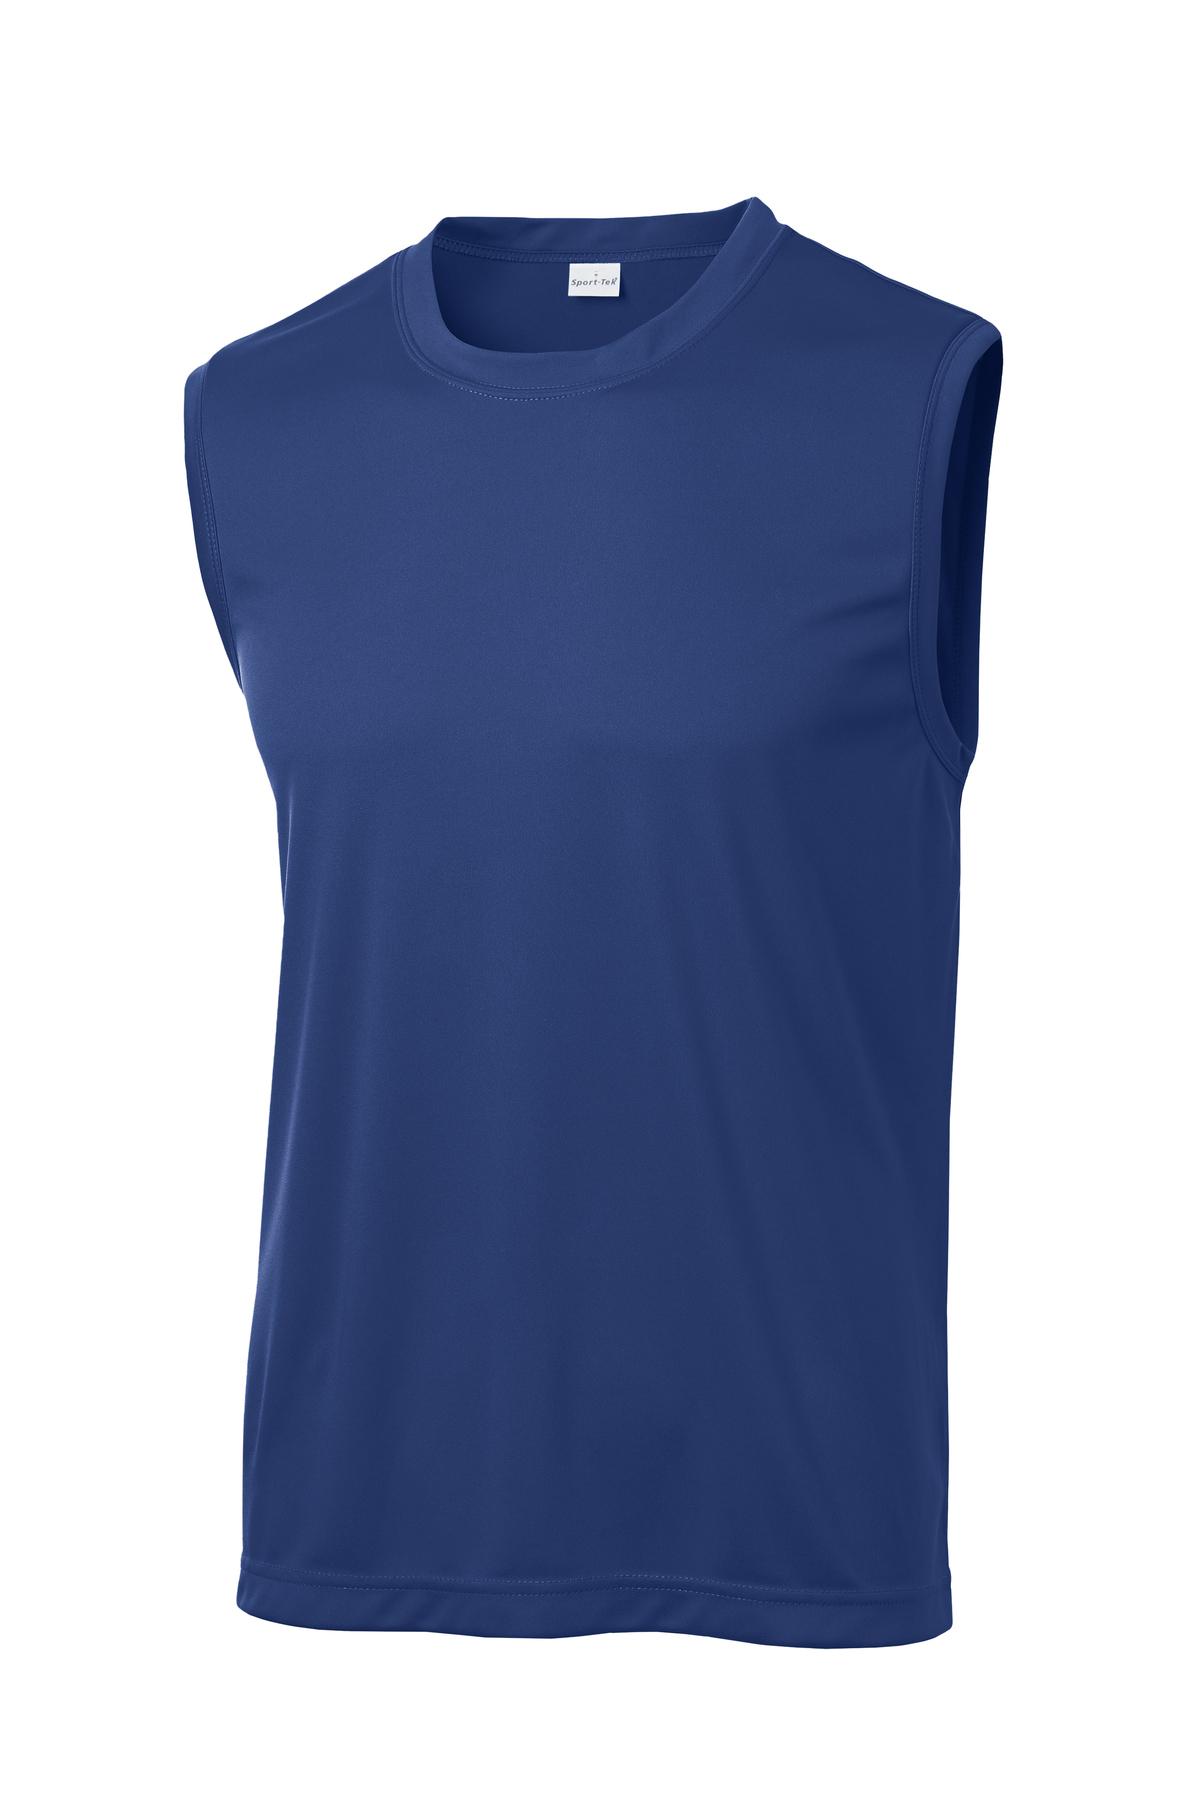 Guitar Peace Sign Men/'s Sleeveless Moisture Wicking Tee T-Shirt GUITARPEACE-ST352